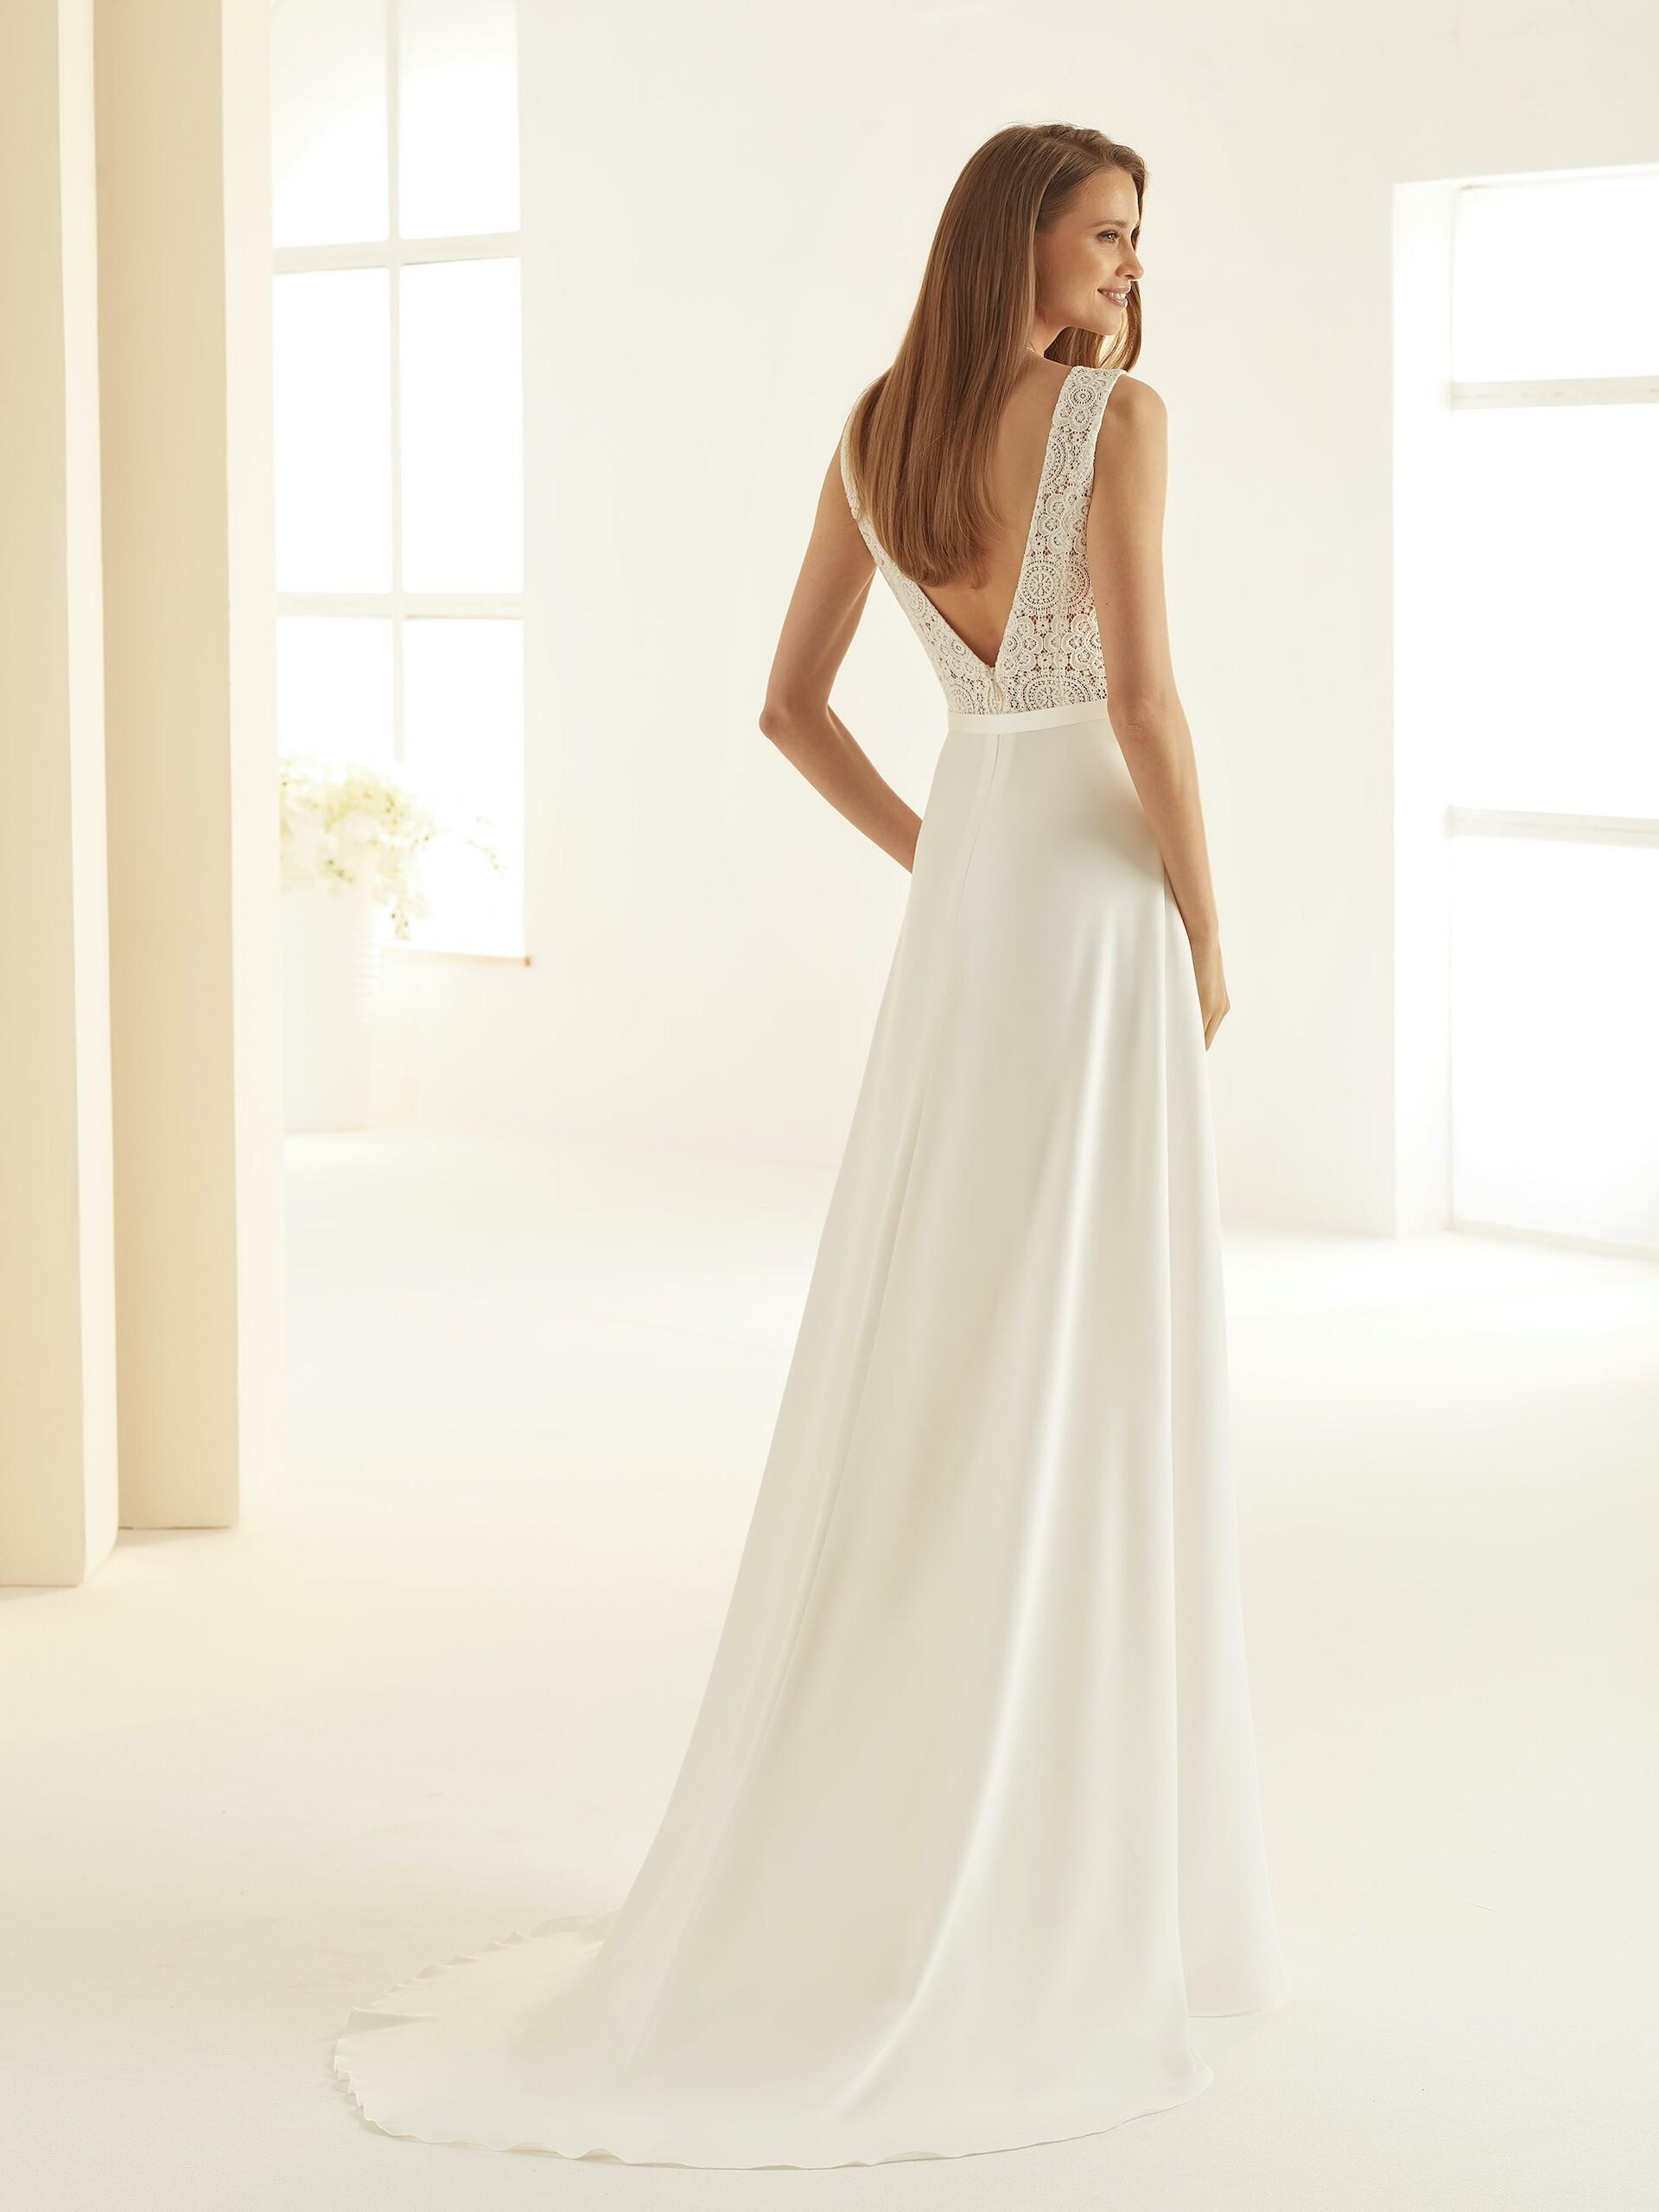 Ärmelloses A-Linien-Brautkleid mit Spitzentop, Plunge-Ausschnitt und Gürtel von Bianco Evento, Modell Dallas